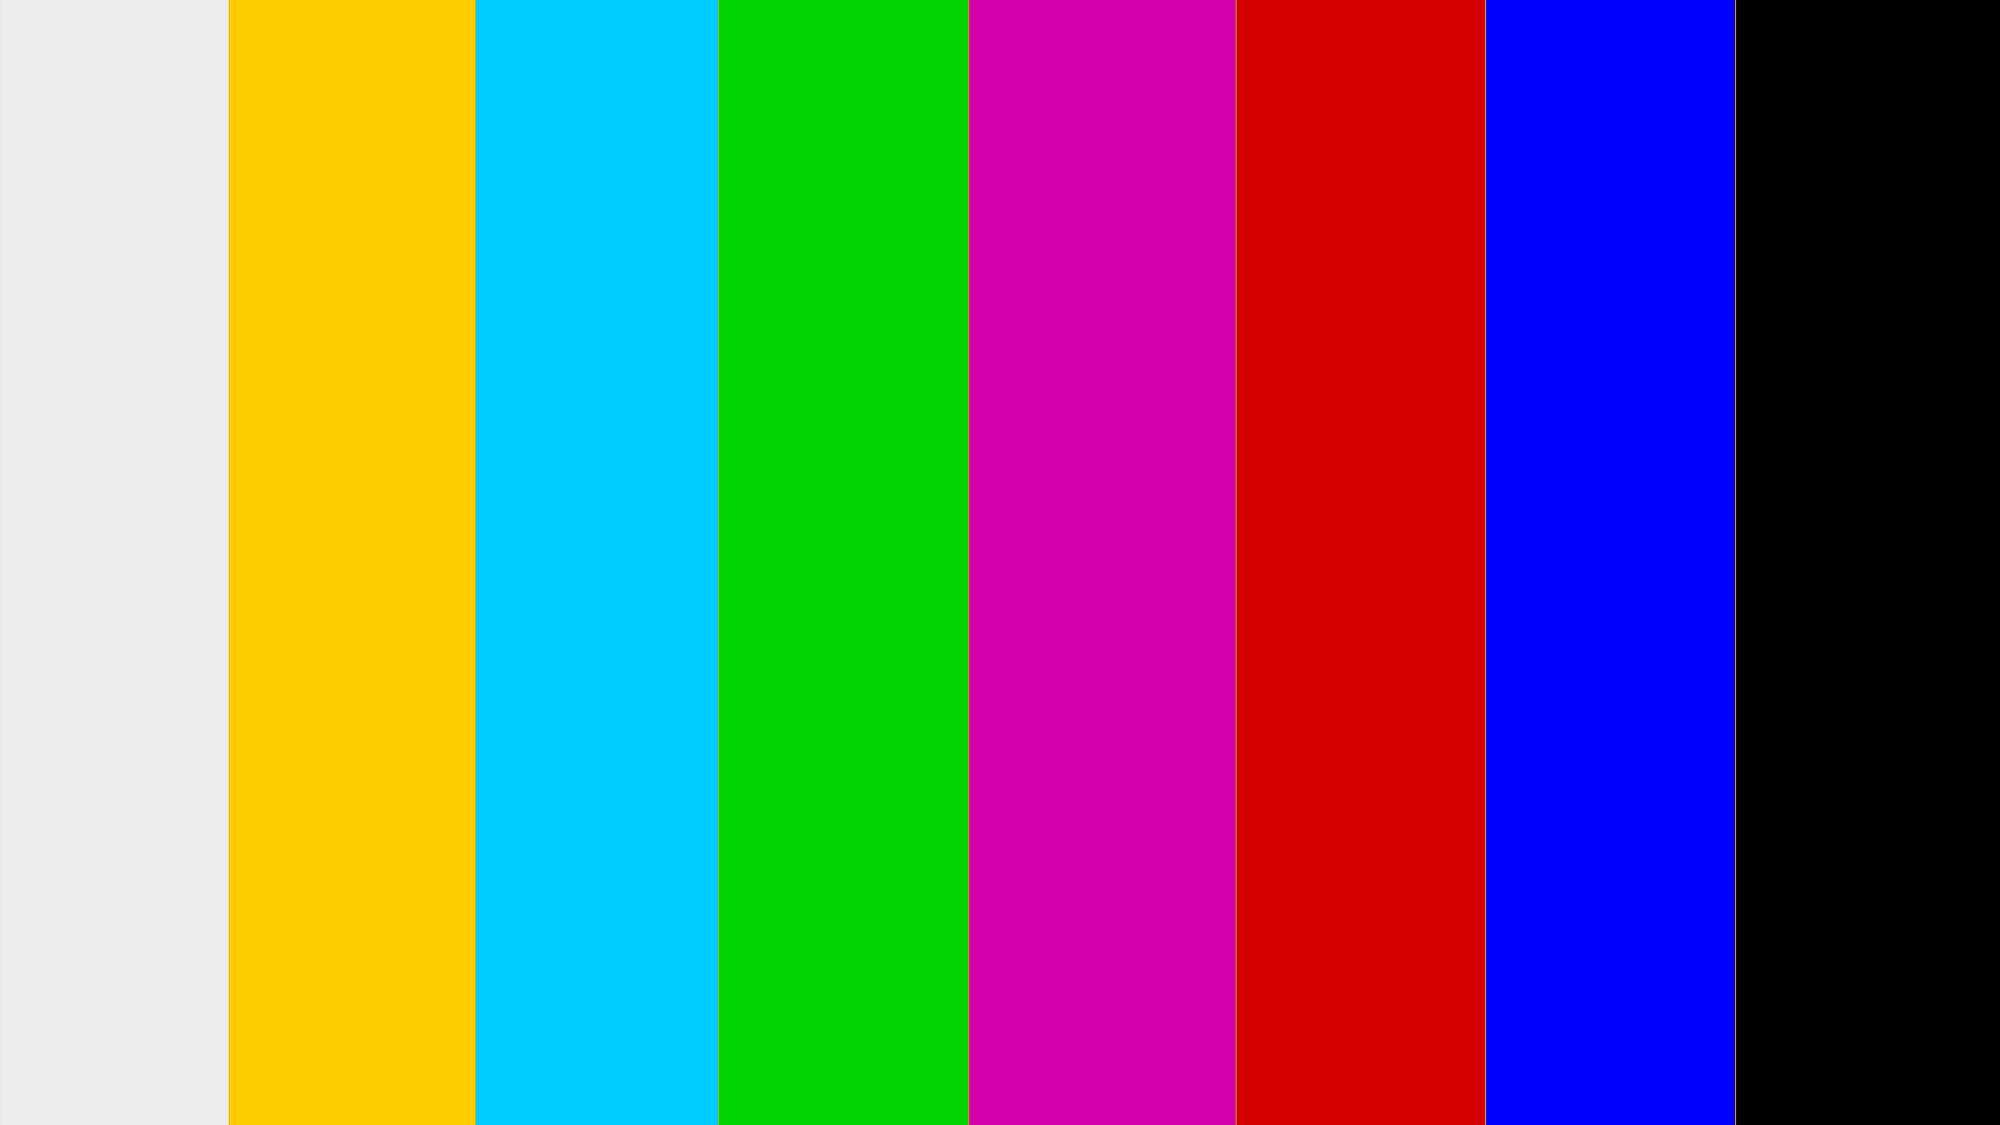 Профилактика на вещающих спутниках 18 июля